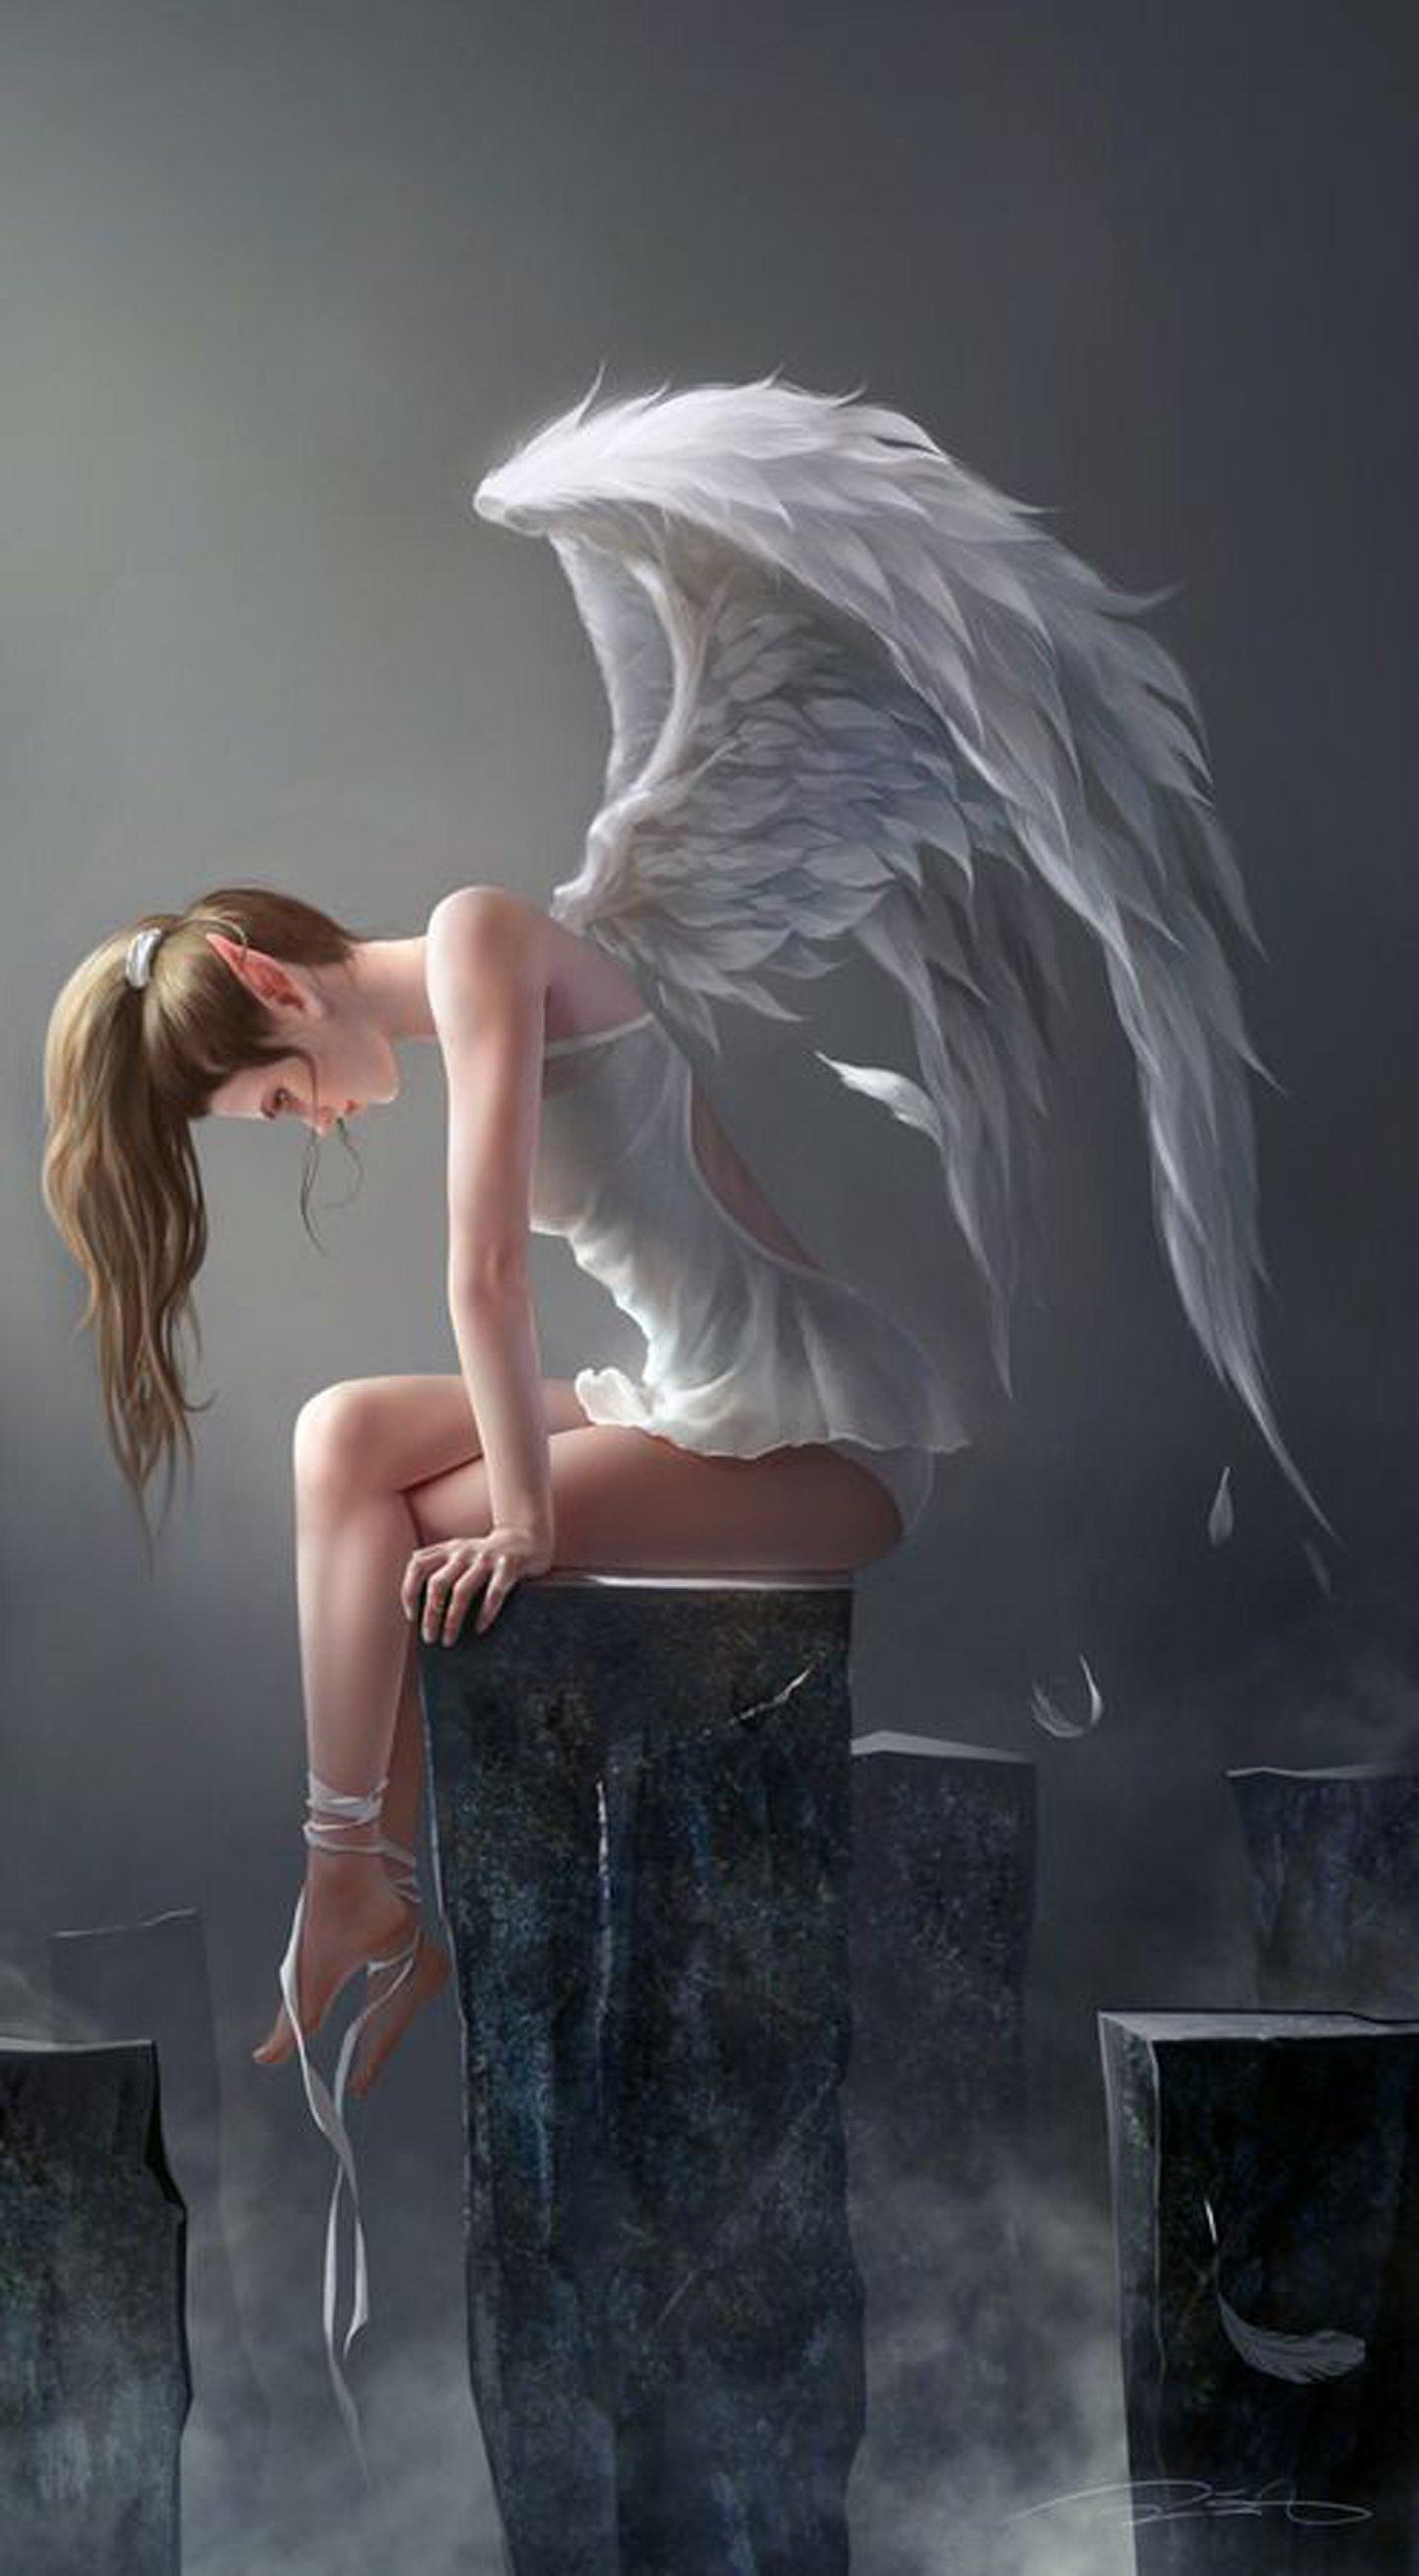 fantasy alone